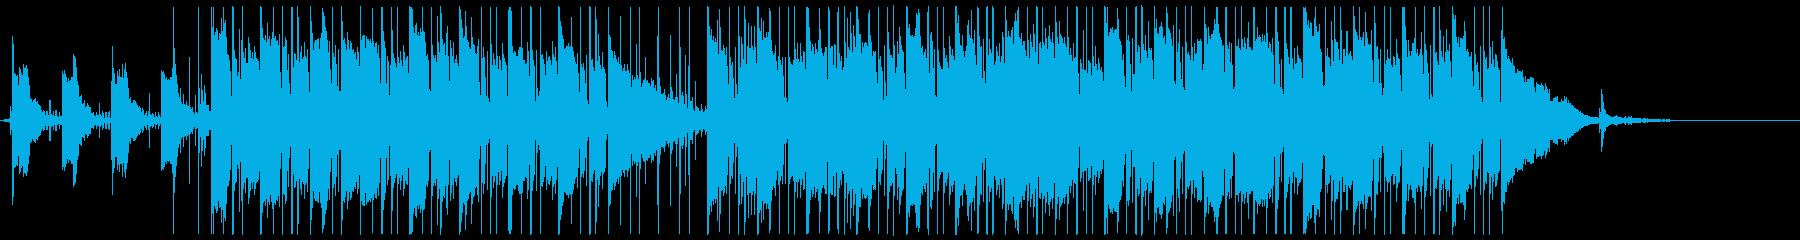 ピアノ旋律が美しい幻想的なバラードの再生済みの波形